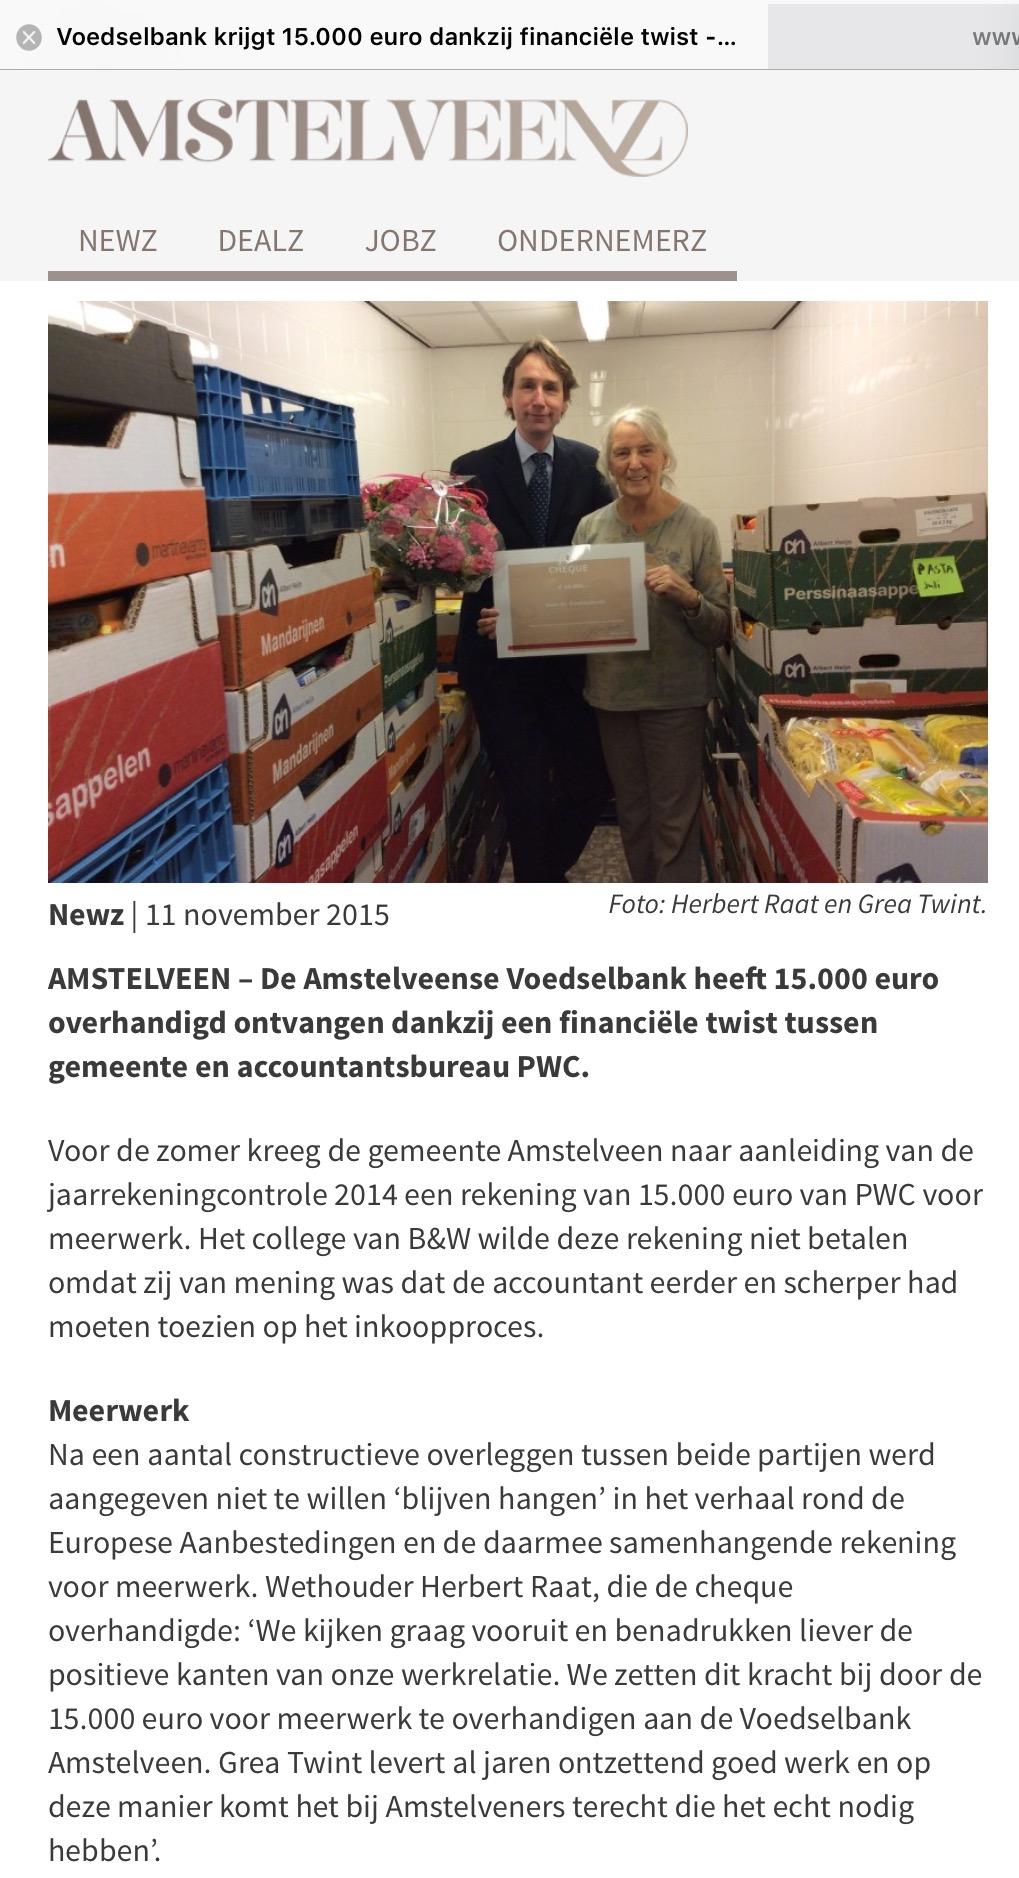 2015-11-11 AmstelveenZ; wethouder Herbert Raat over geld voor de voedselbank van PWC